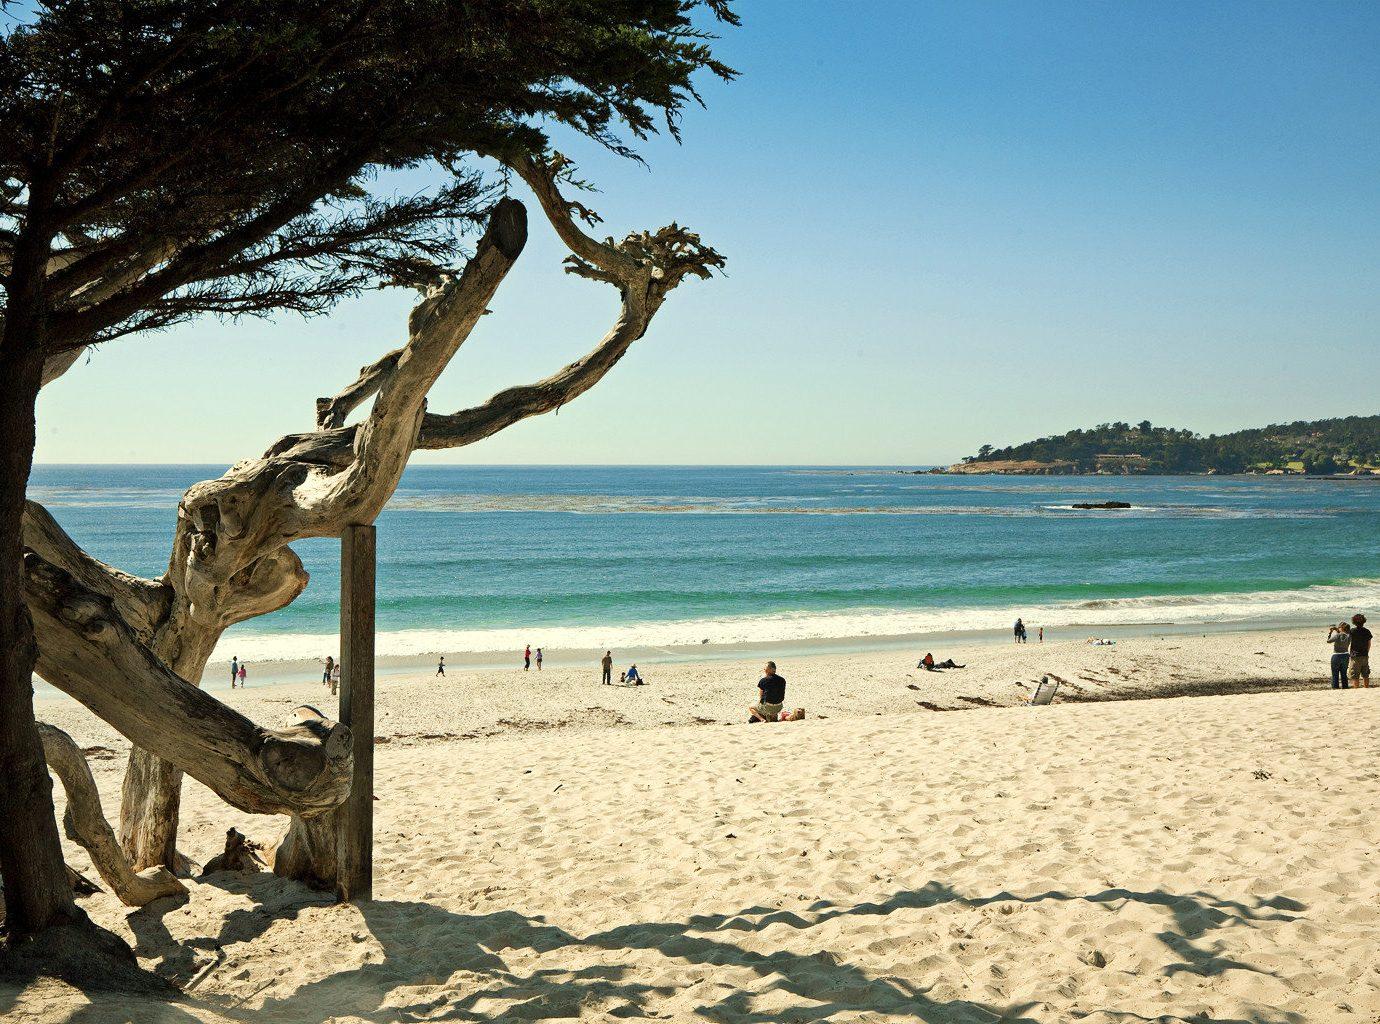 Beach Ocean sky tree water shore Sea Coast arecales sand plant sunny day shade sandy